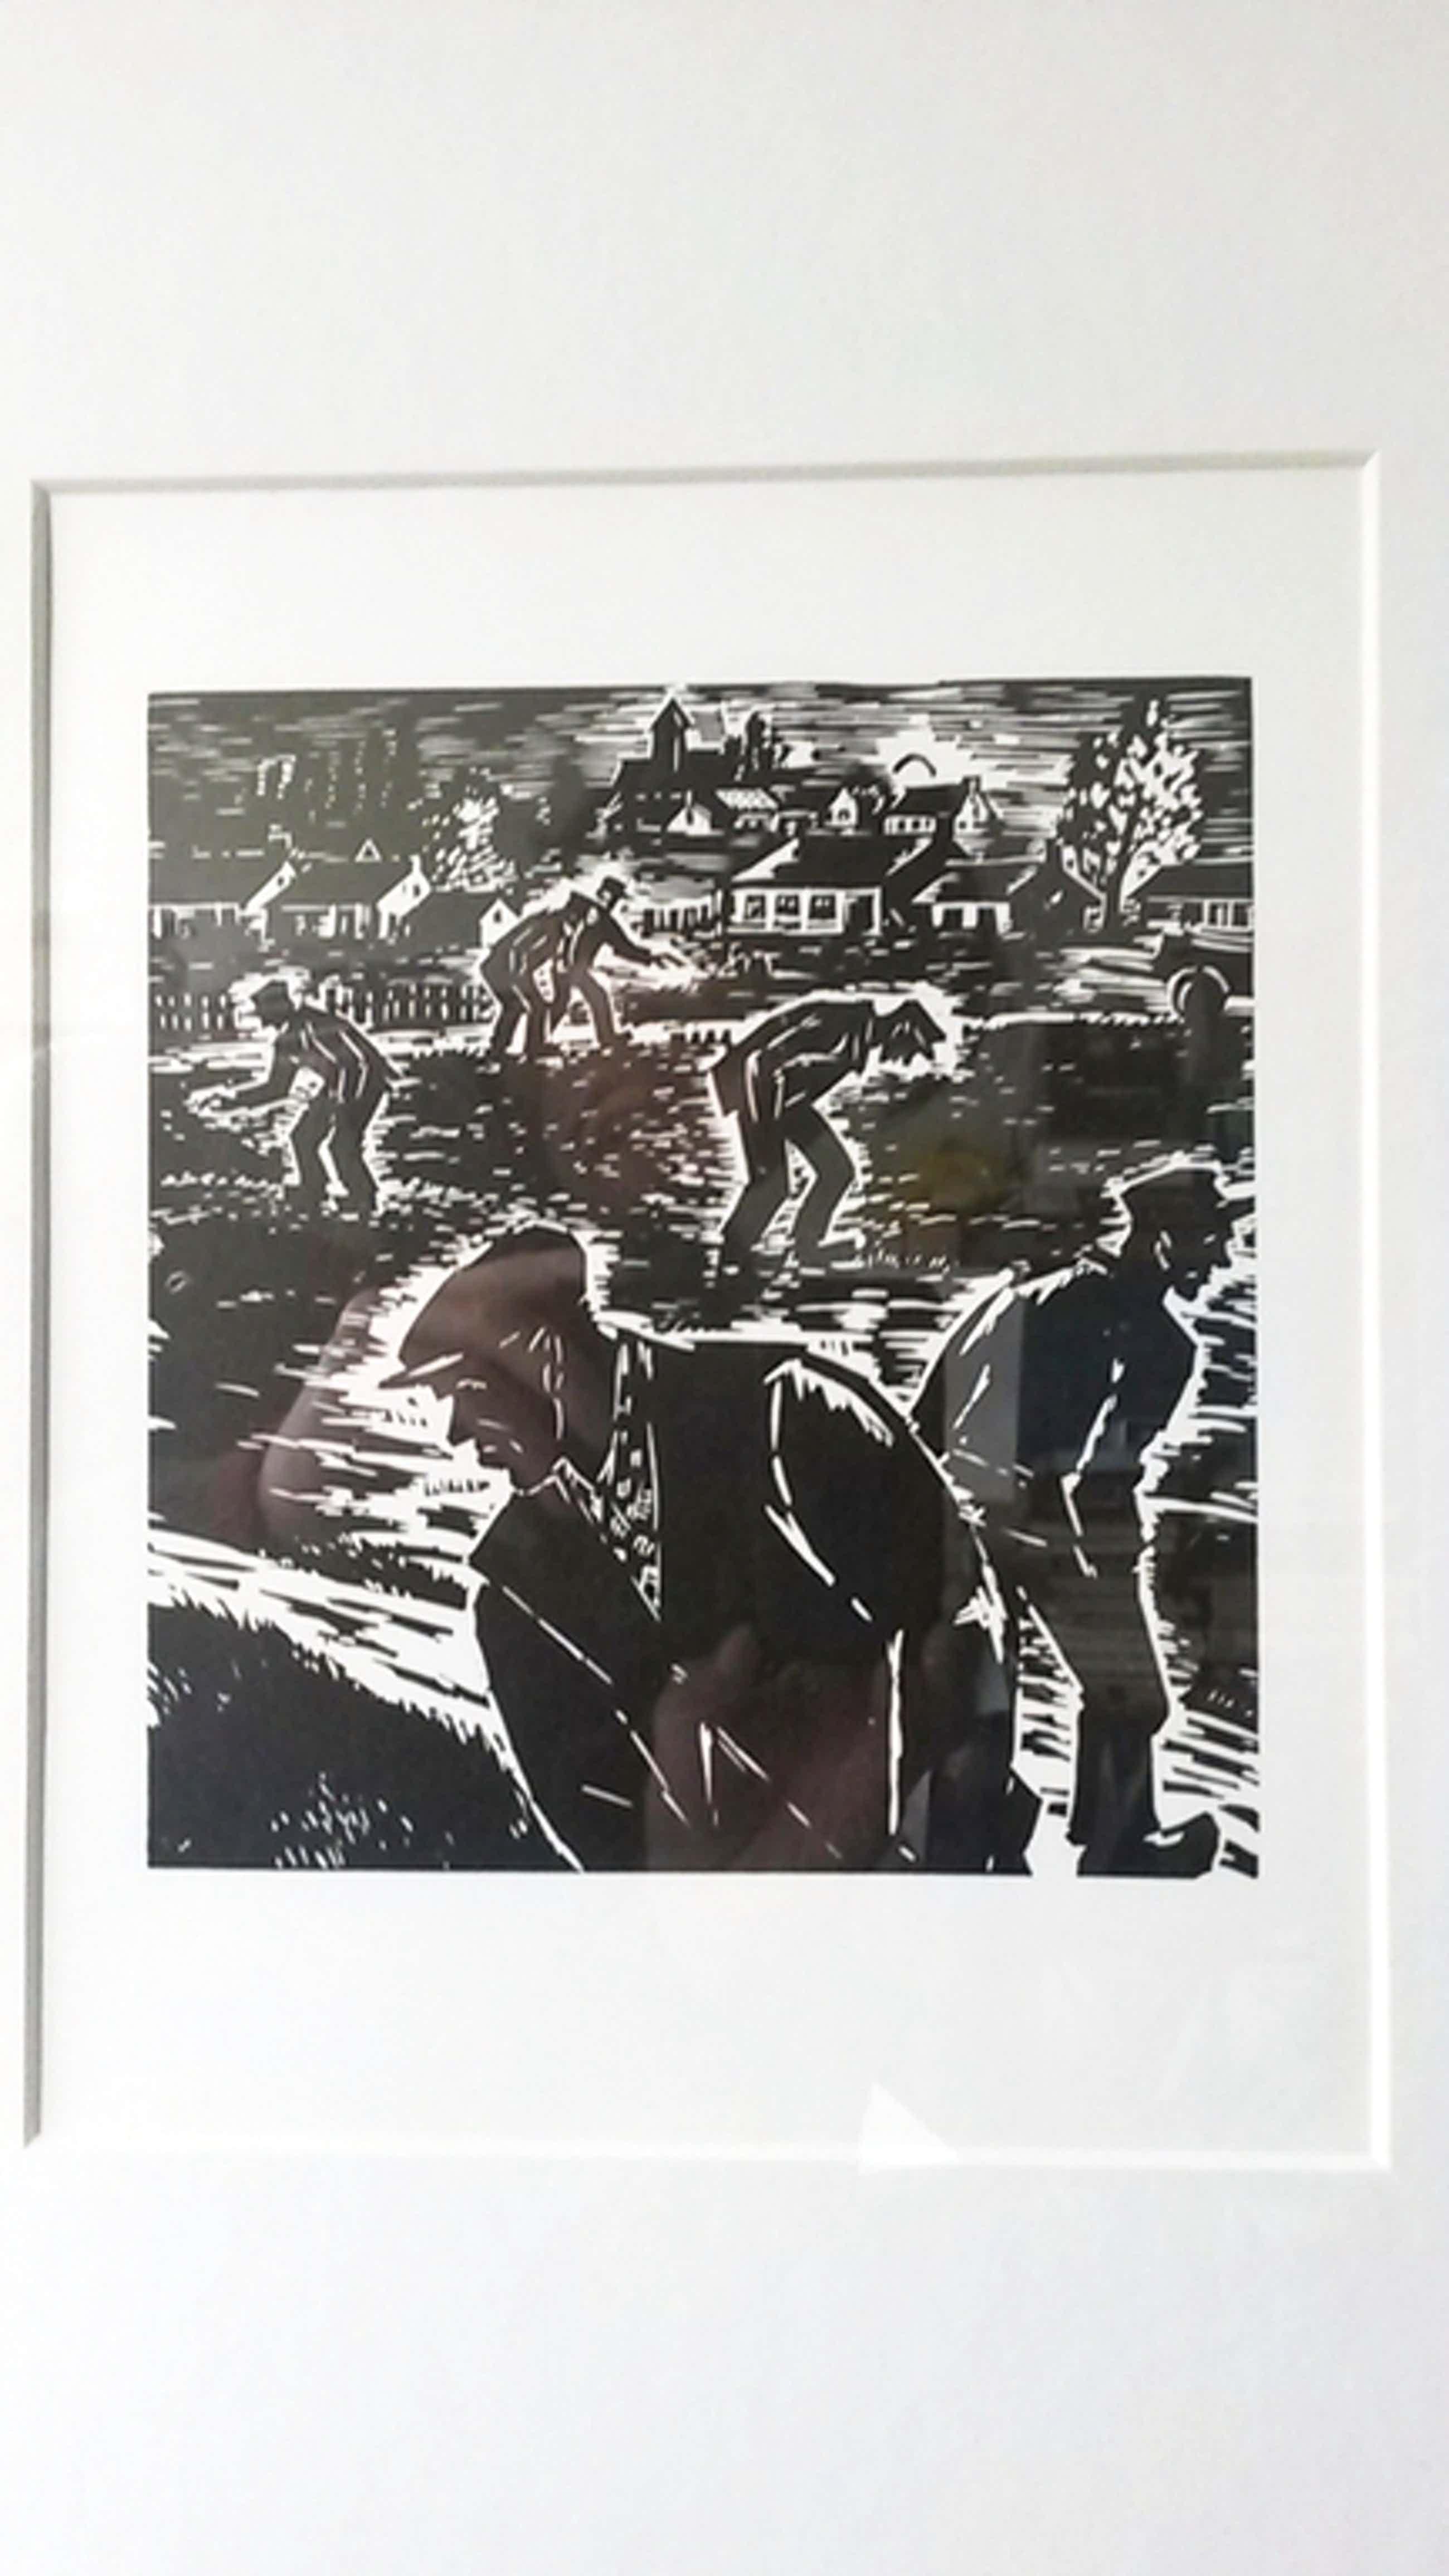 Frans Masereel, houtsnede illustratie voor Vlaschaard 1965 van Stijn Streuvels kopen? Bied vanaf 60!